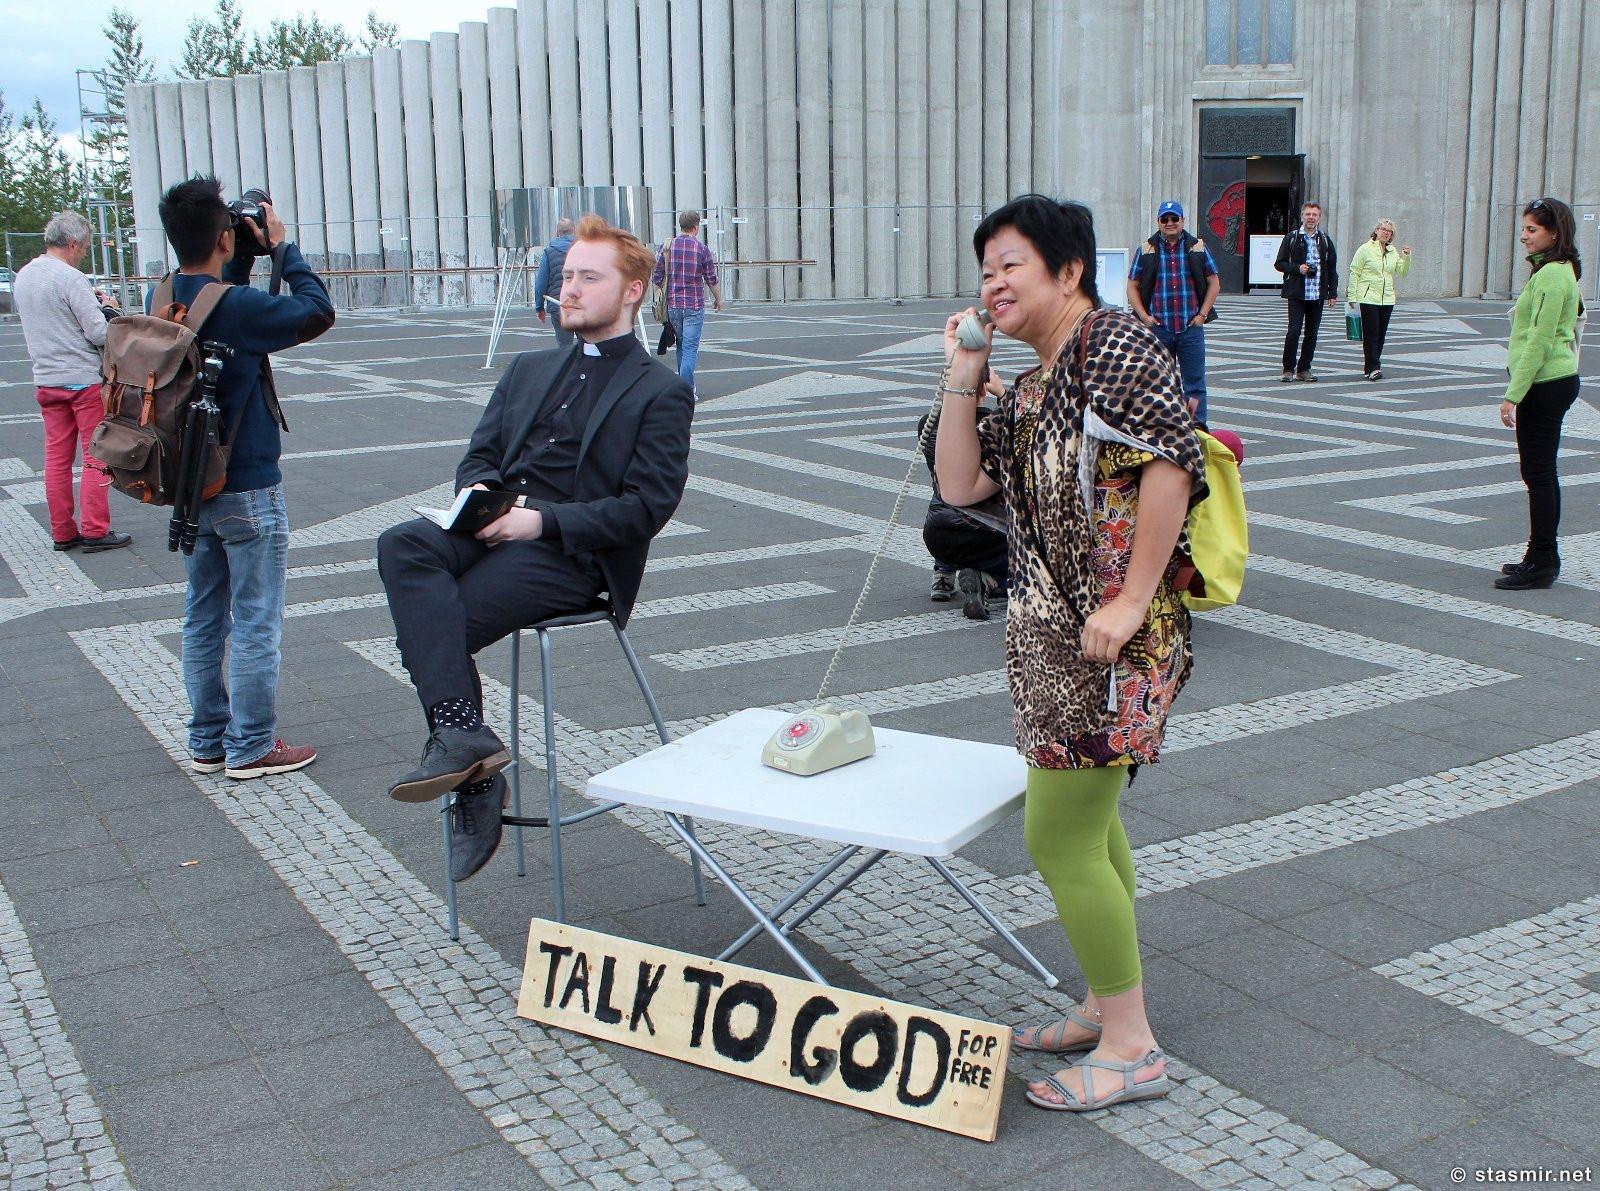 you can talk to god, Хадльгримскиркья, Hallgrímskirkja, Хадльгримюра Пьетурссон, Рейкьявик, фото Стасмир, photo Stasmir